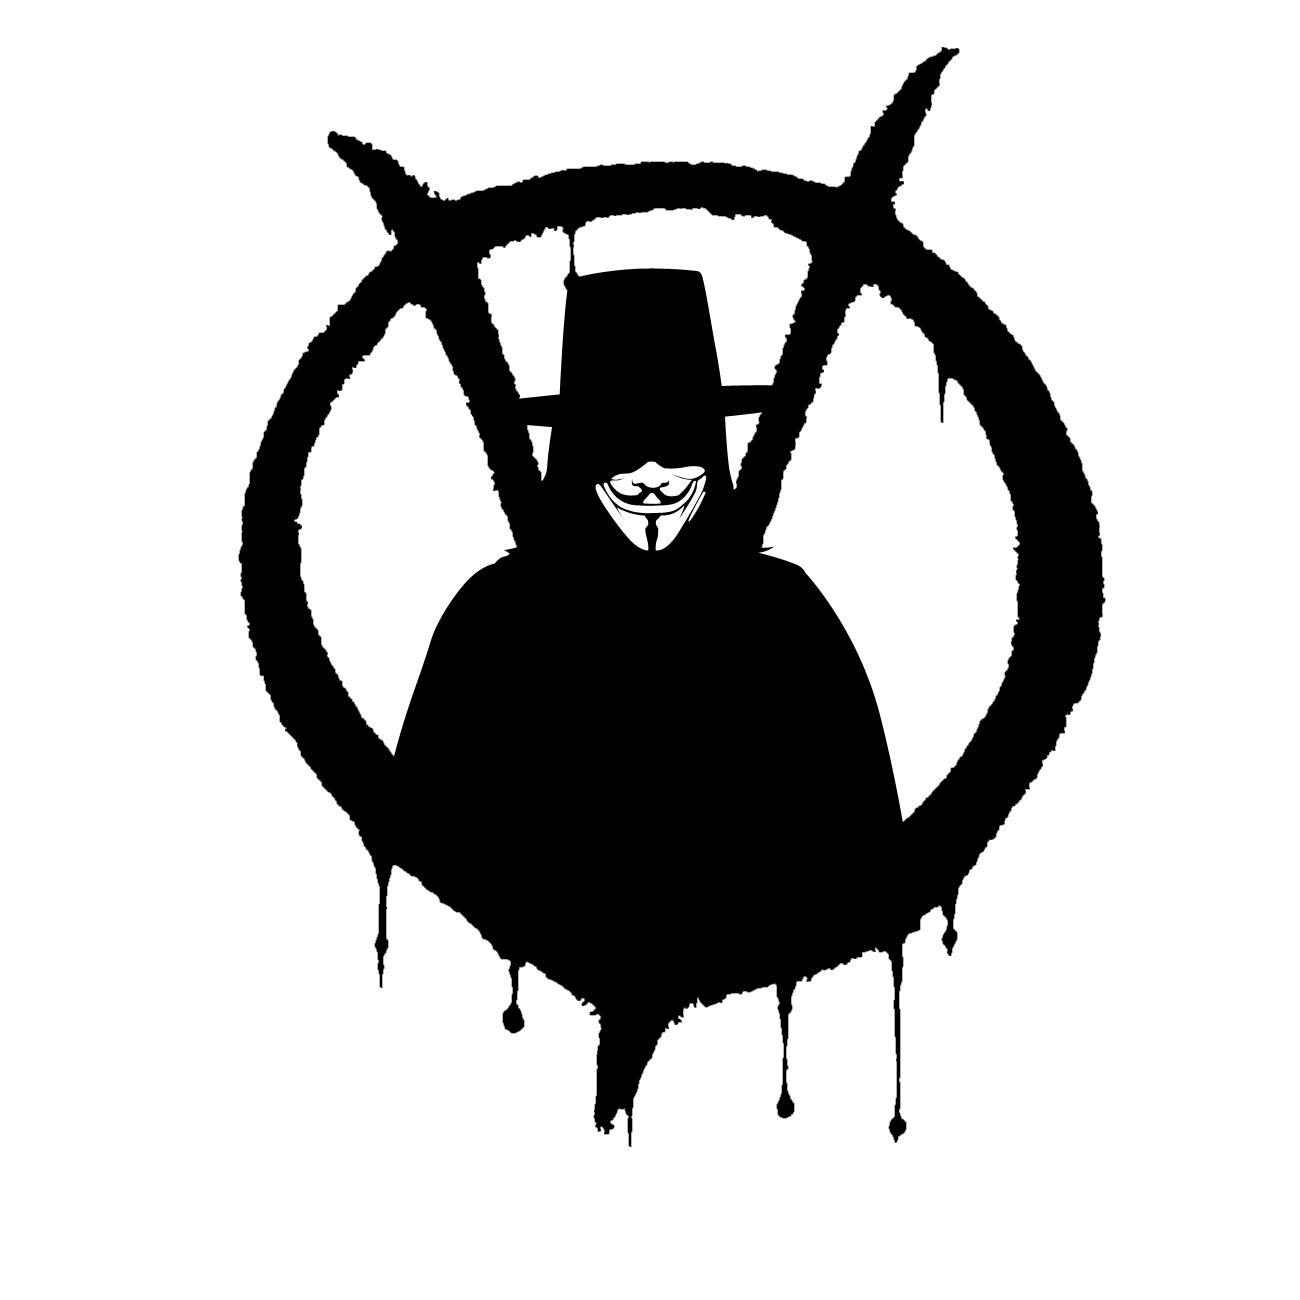 V for Vendetta Stencil Cut 1  V For Vendetta Stencil